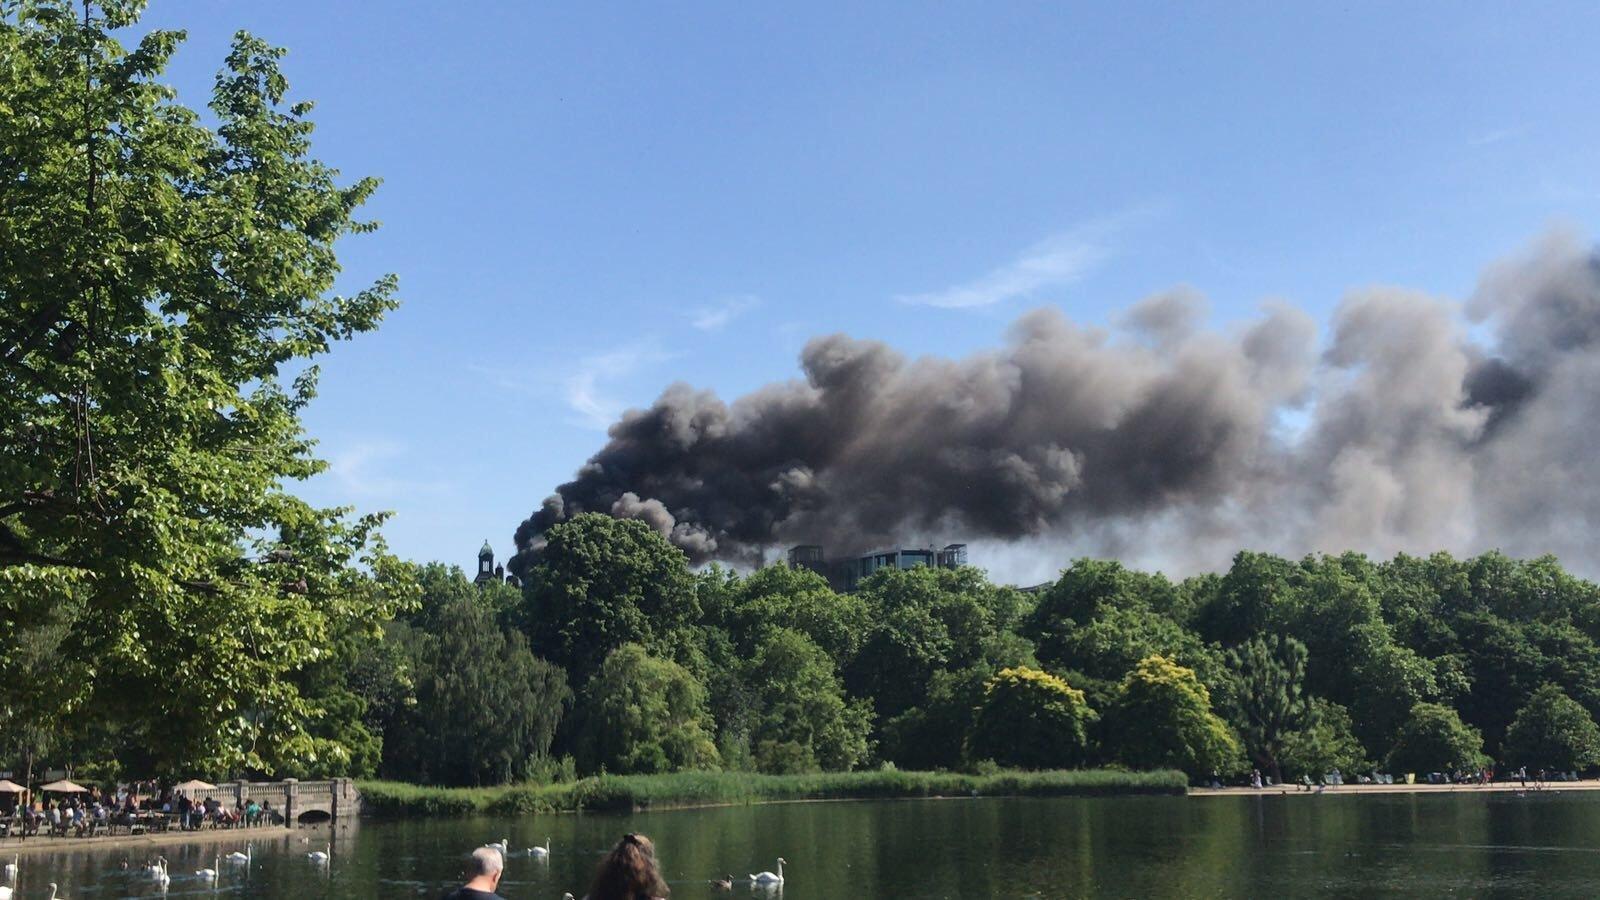 Fire in Hyde Park London